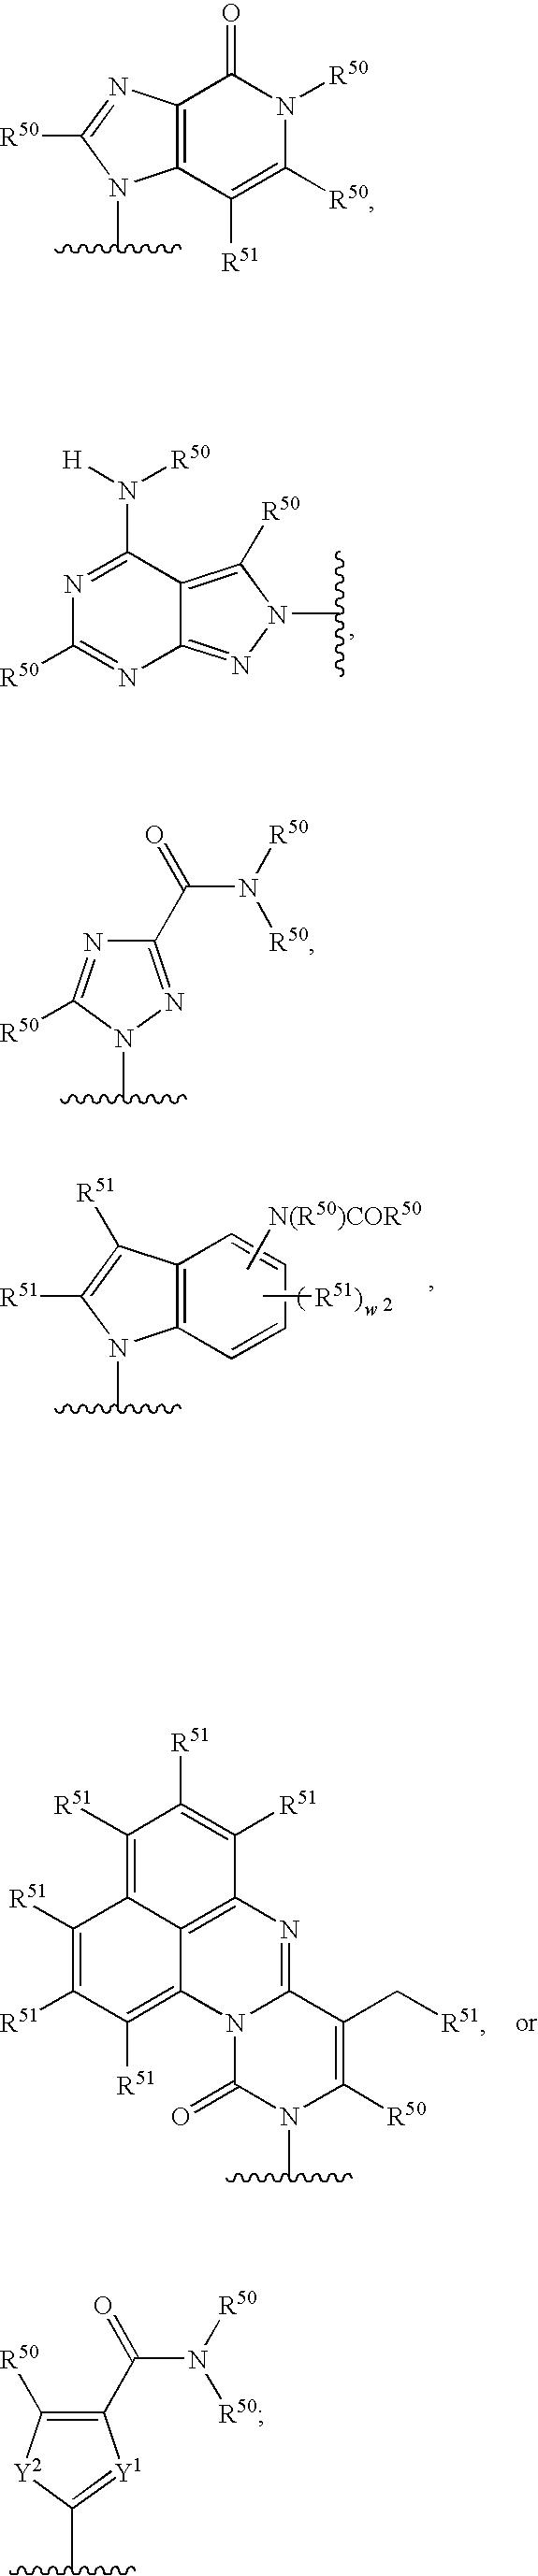 Figure US07772387-20100810-C00007